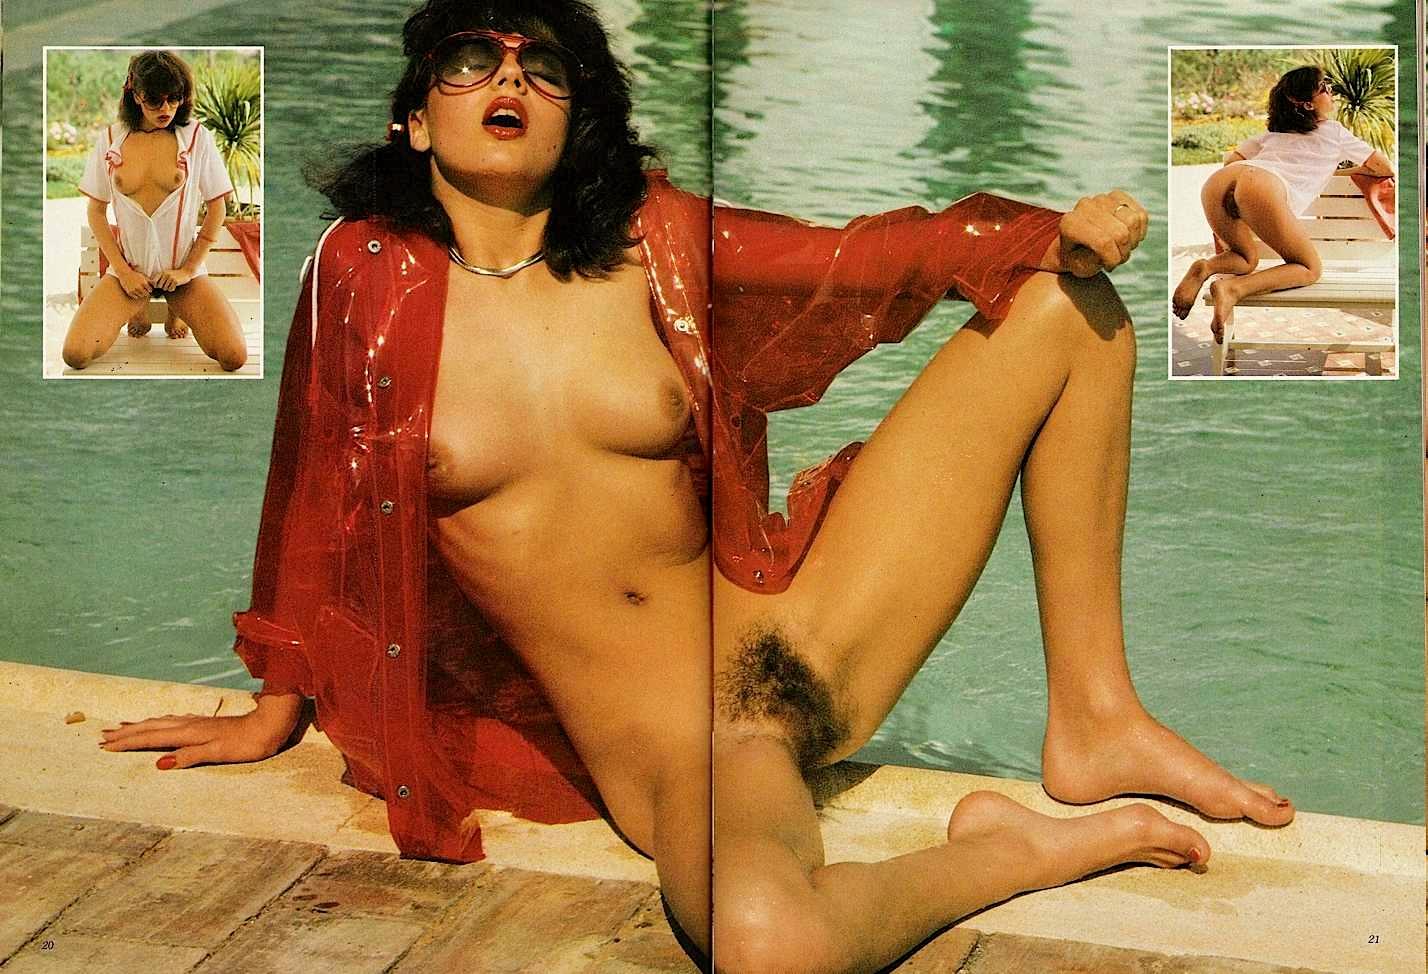 Deez nude overalls